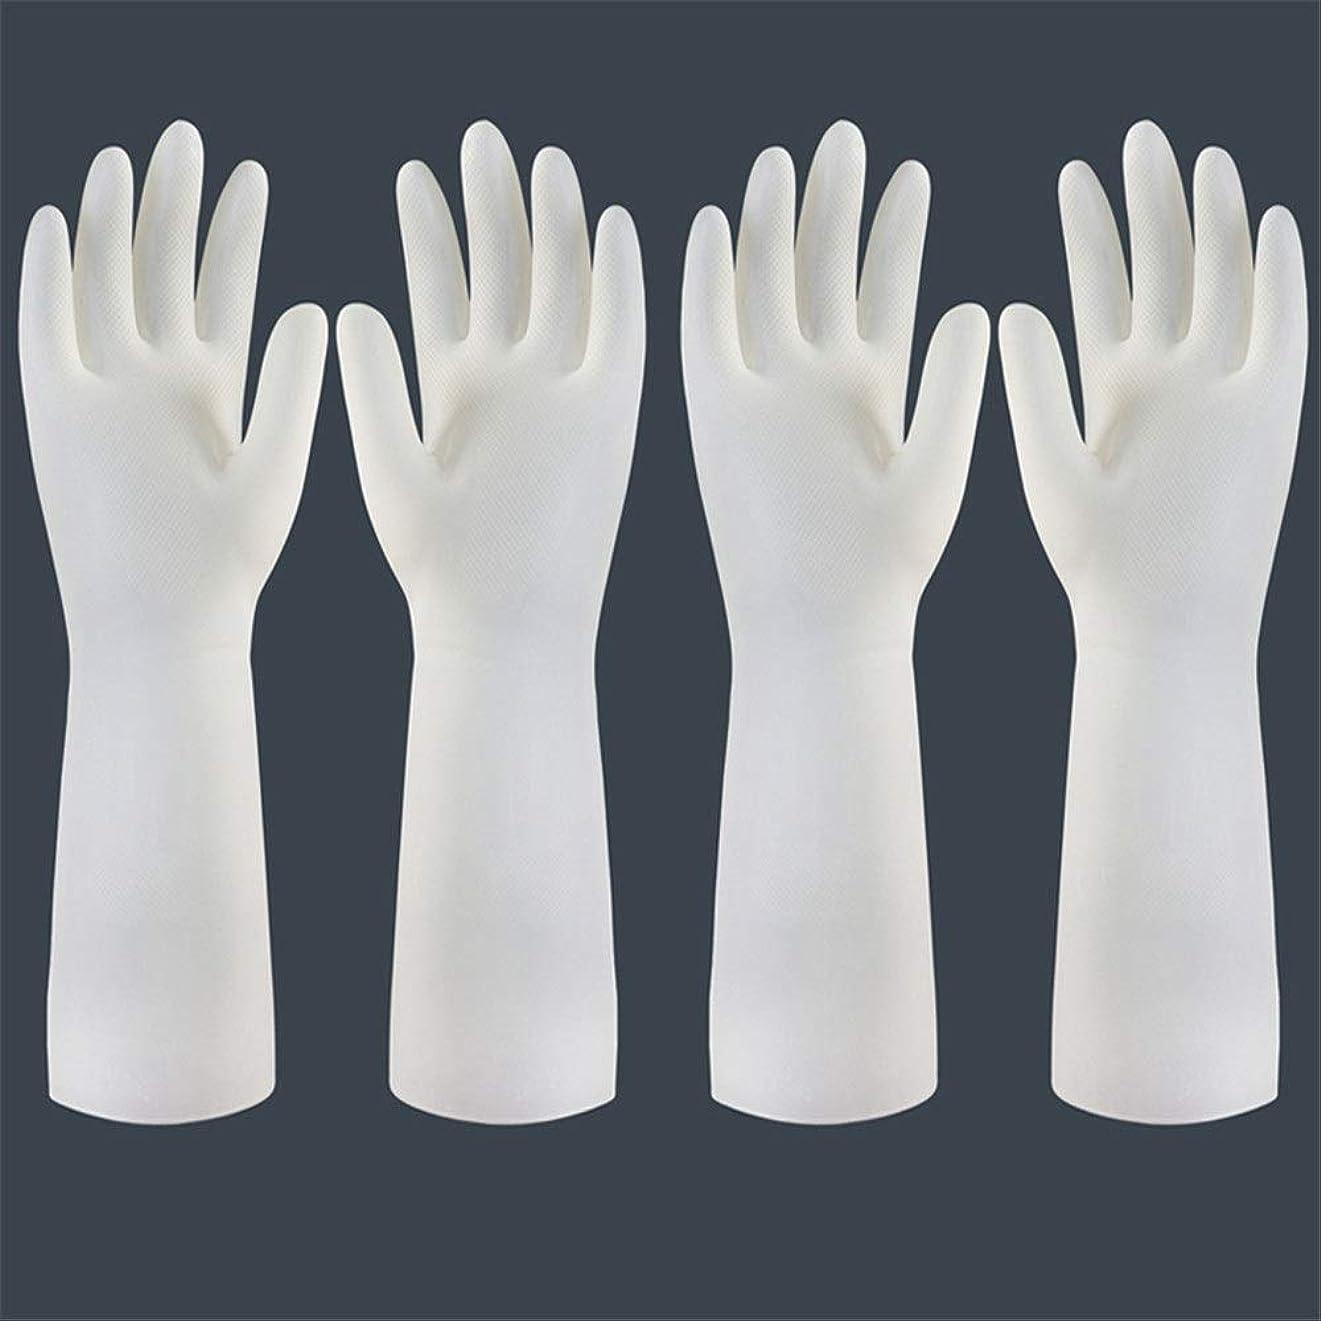 解体する牛肉不測の事態使い捨て手袋 使い捨て手袋の防水および耐久のゴム製台所手袋、小/中/大 ニトリルゴム手袋 (Color : Long-2 pair, Size : S)